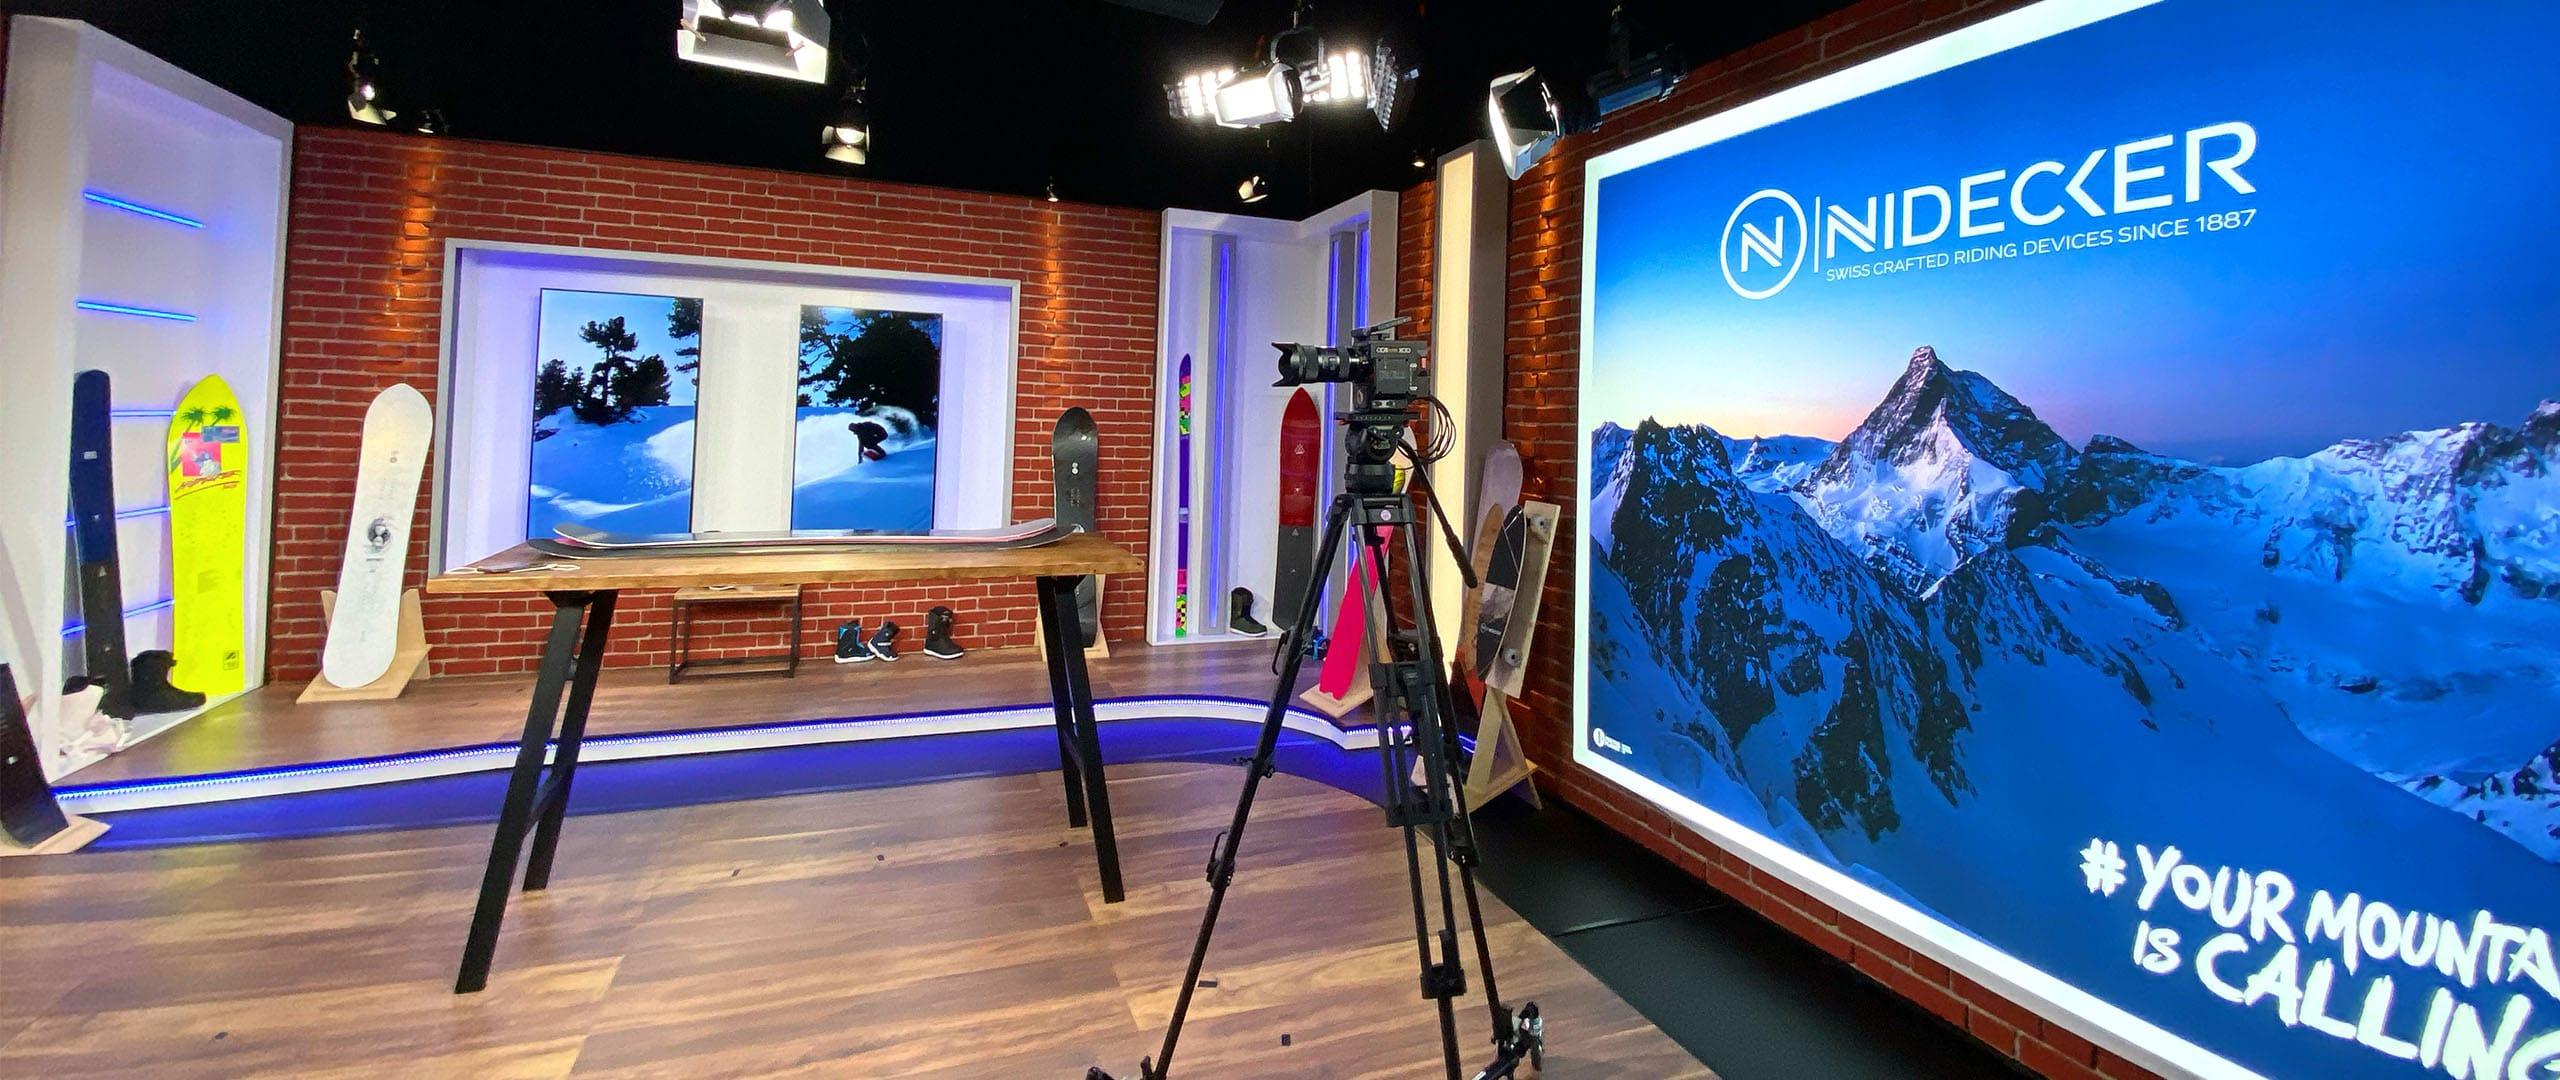 Le Go-studio préparé pour Nidecker lors du tournage